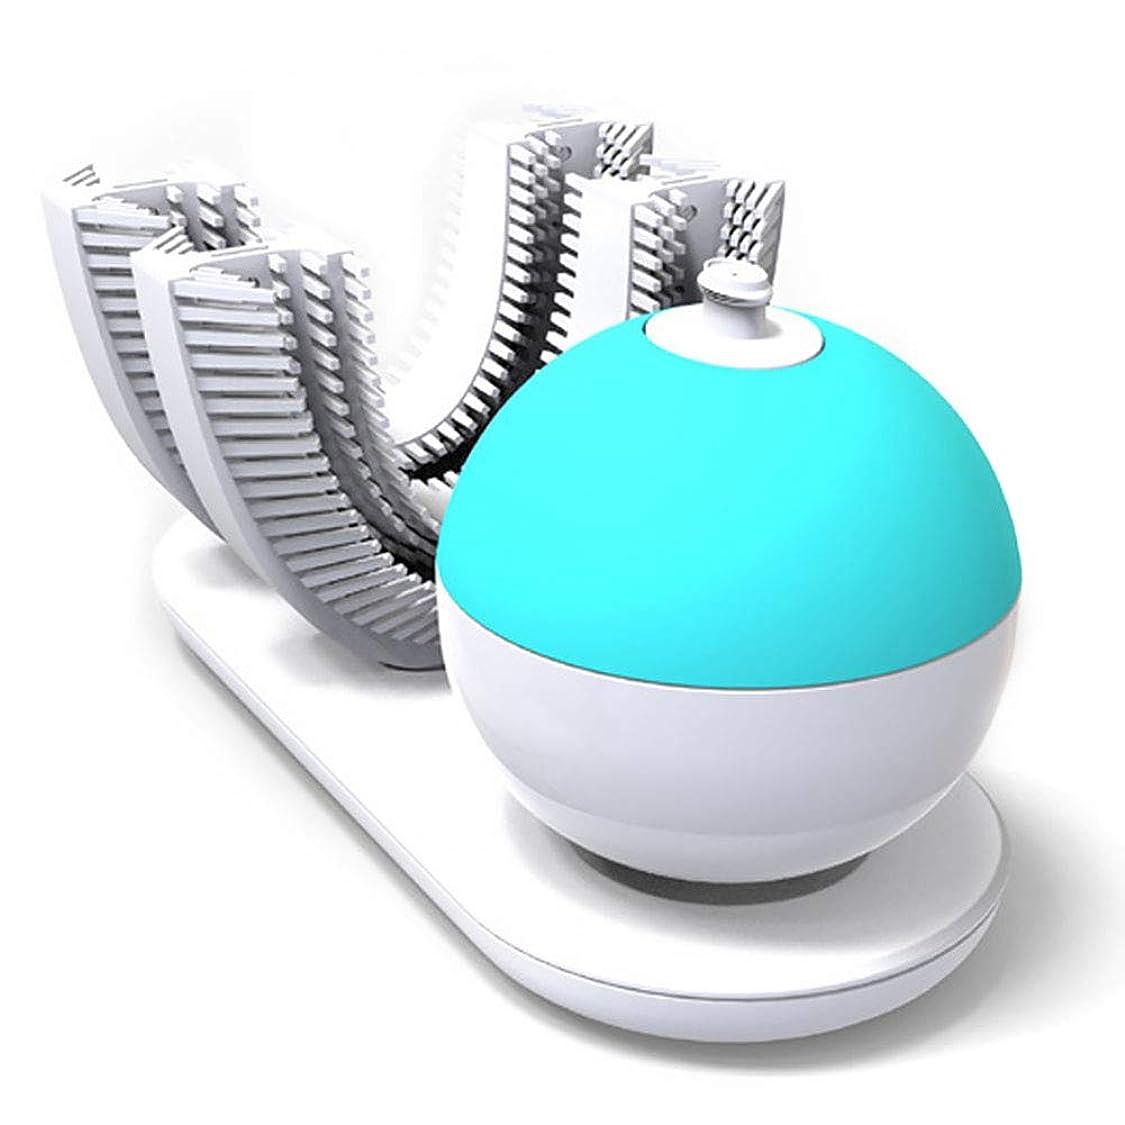 リビングルーム誠実海岸フルオートマチック可変周波数電動歯ブラシ、自動360度U字型電動歯ブラシ、ワイヤレス充電IPX7防水自動歯ブラシ(大人用)